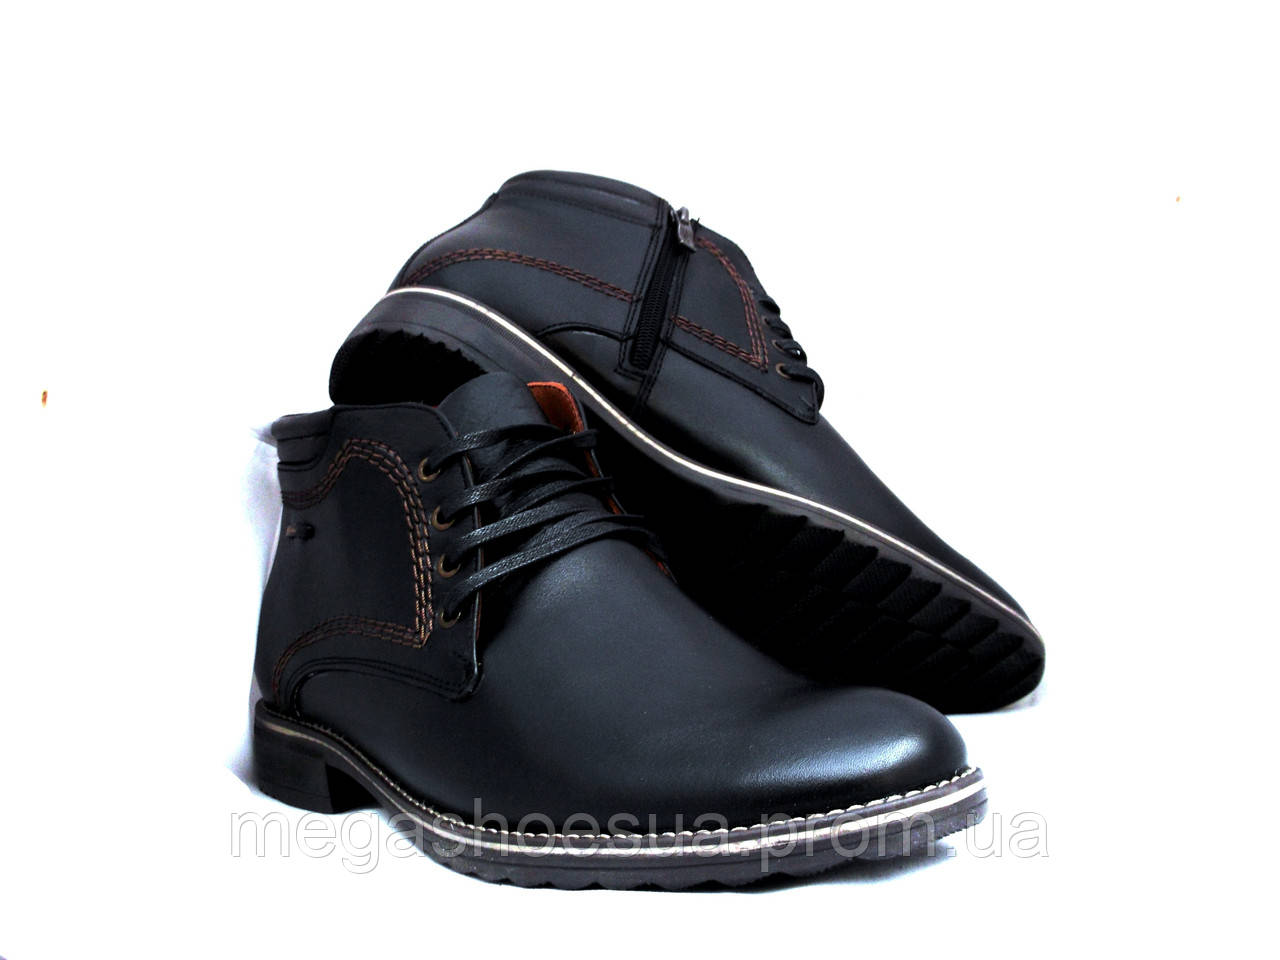 Купить Ботинки мужские YDG Bellini натуральная кожа качественные в ... c12383e750d